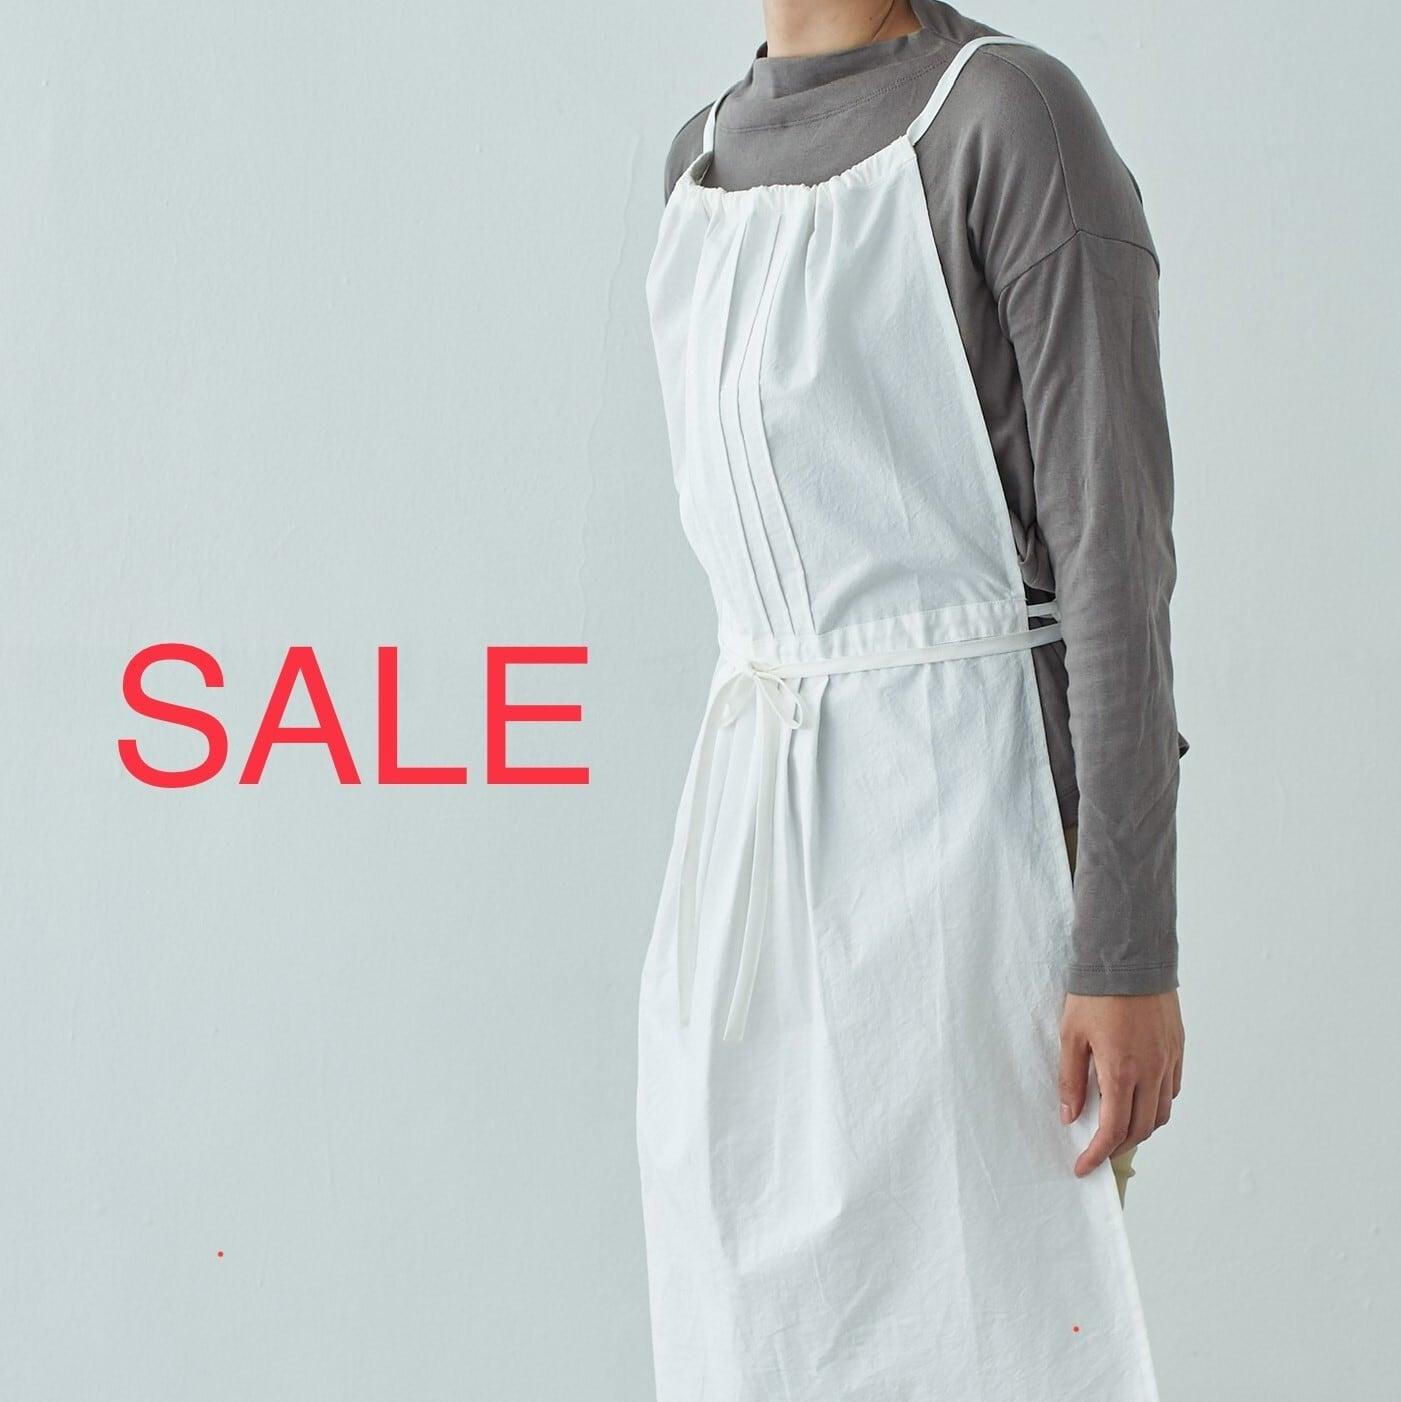 SALE 30%OFF タックエプロン tuck apron / コットン cotton